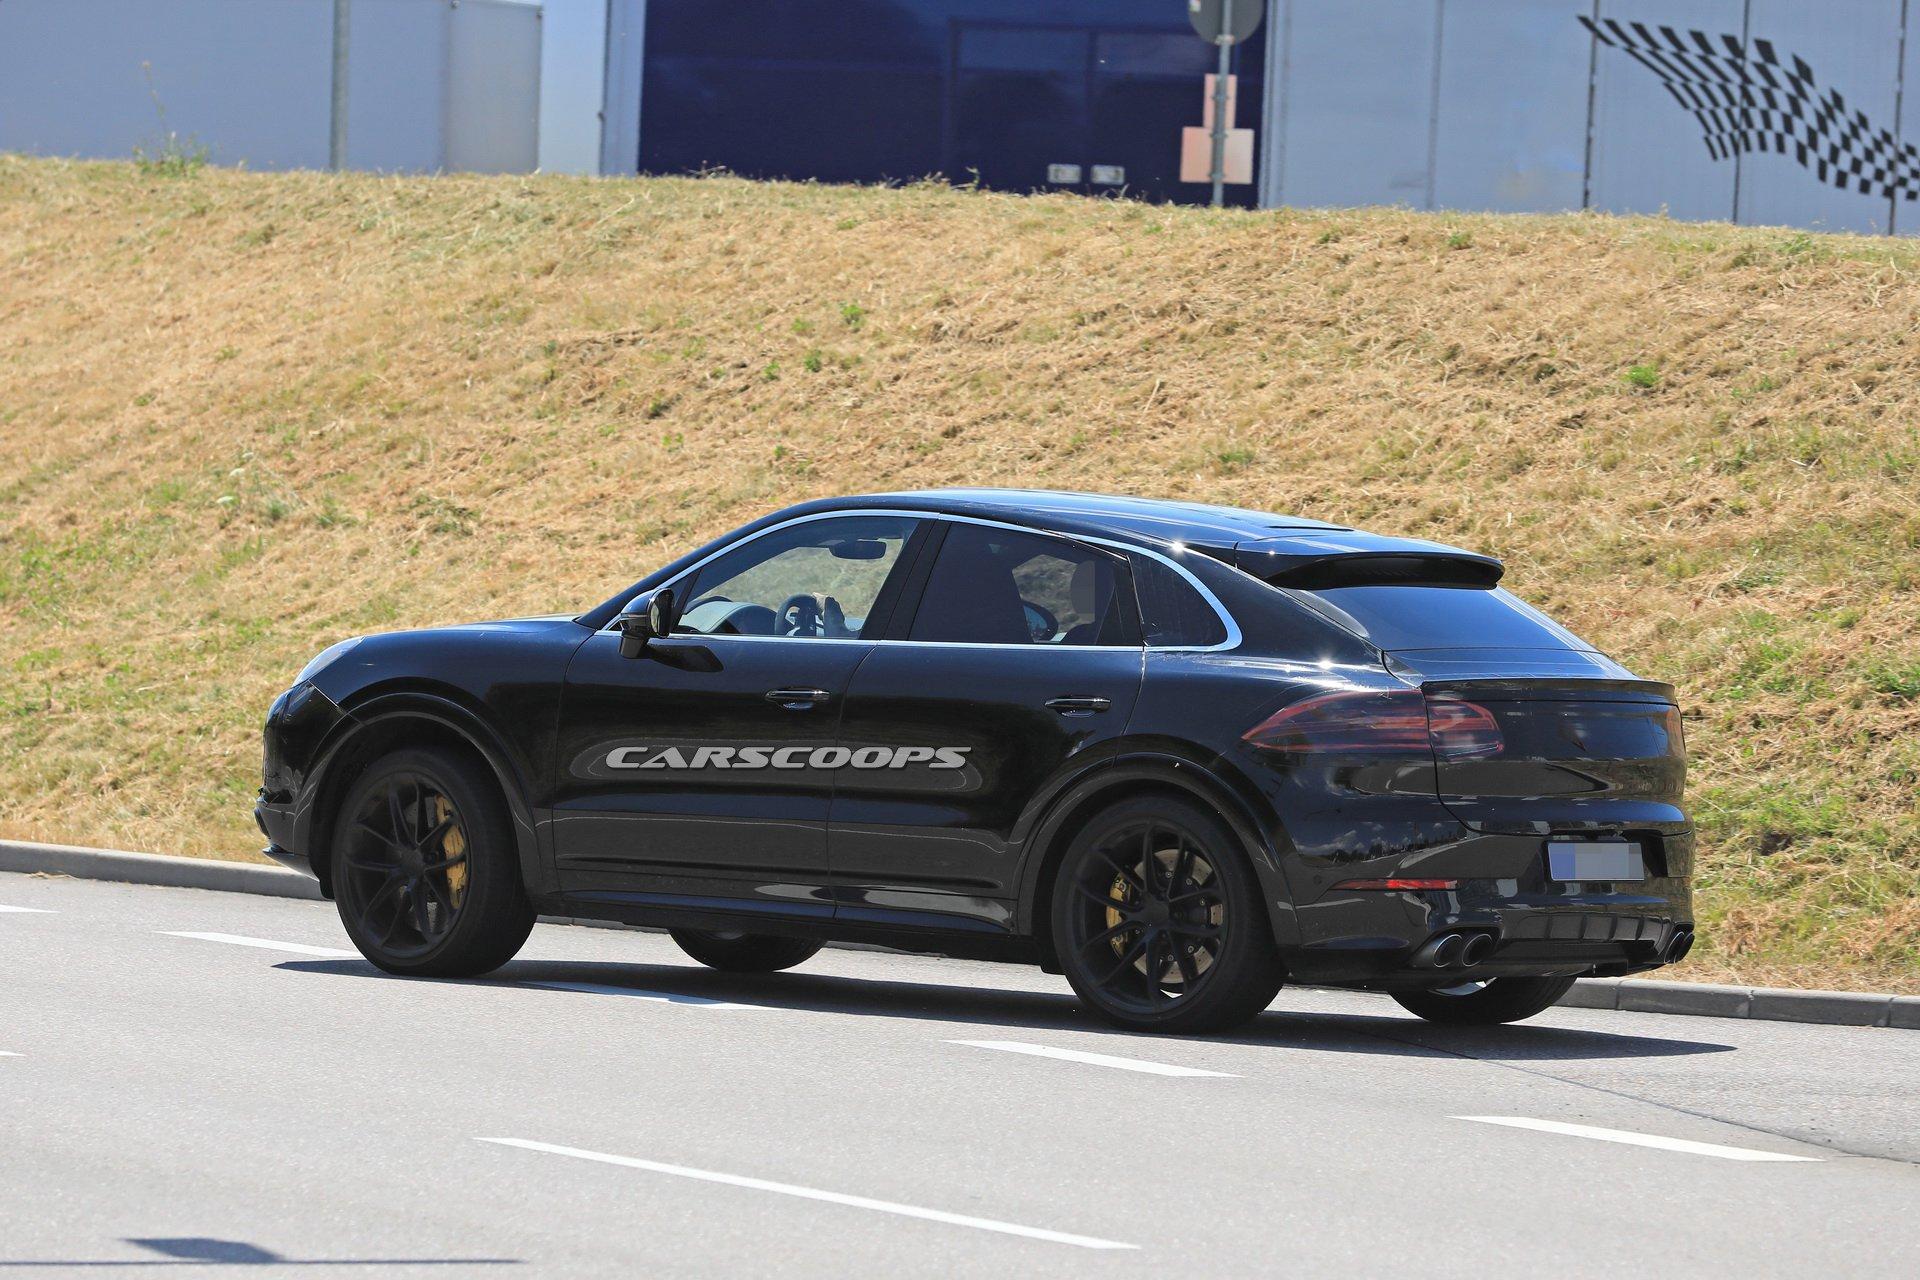 7d86f5cc-porsche-cayenne-coupe-first-spy-23.jpg